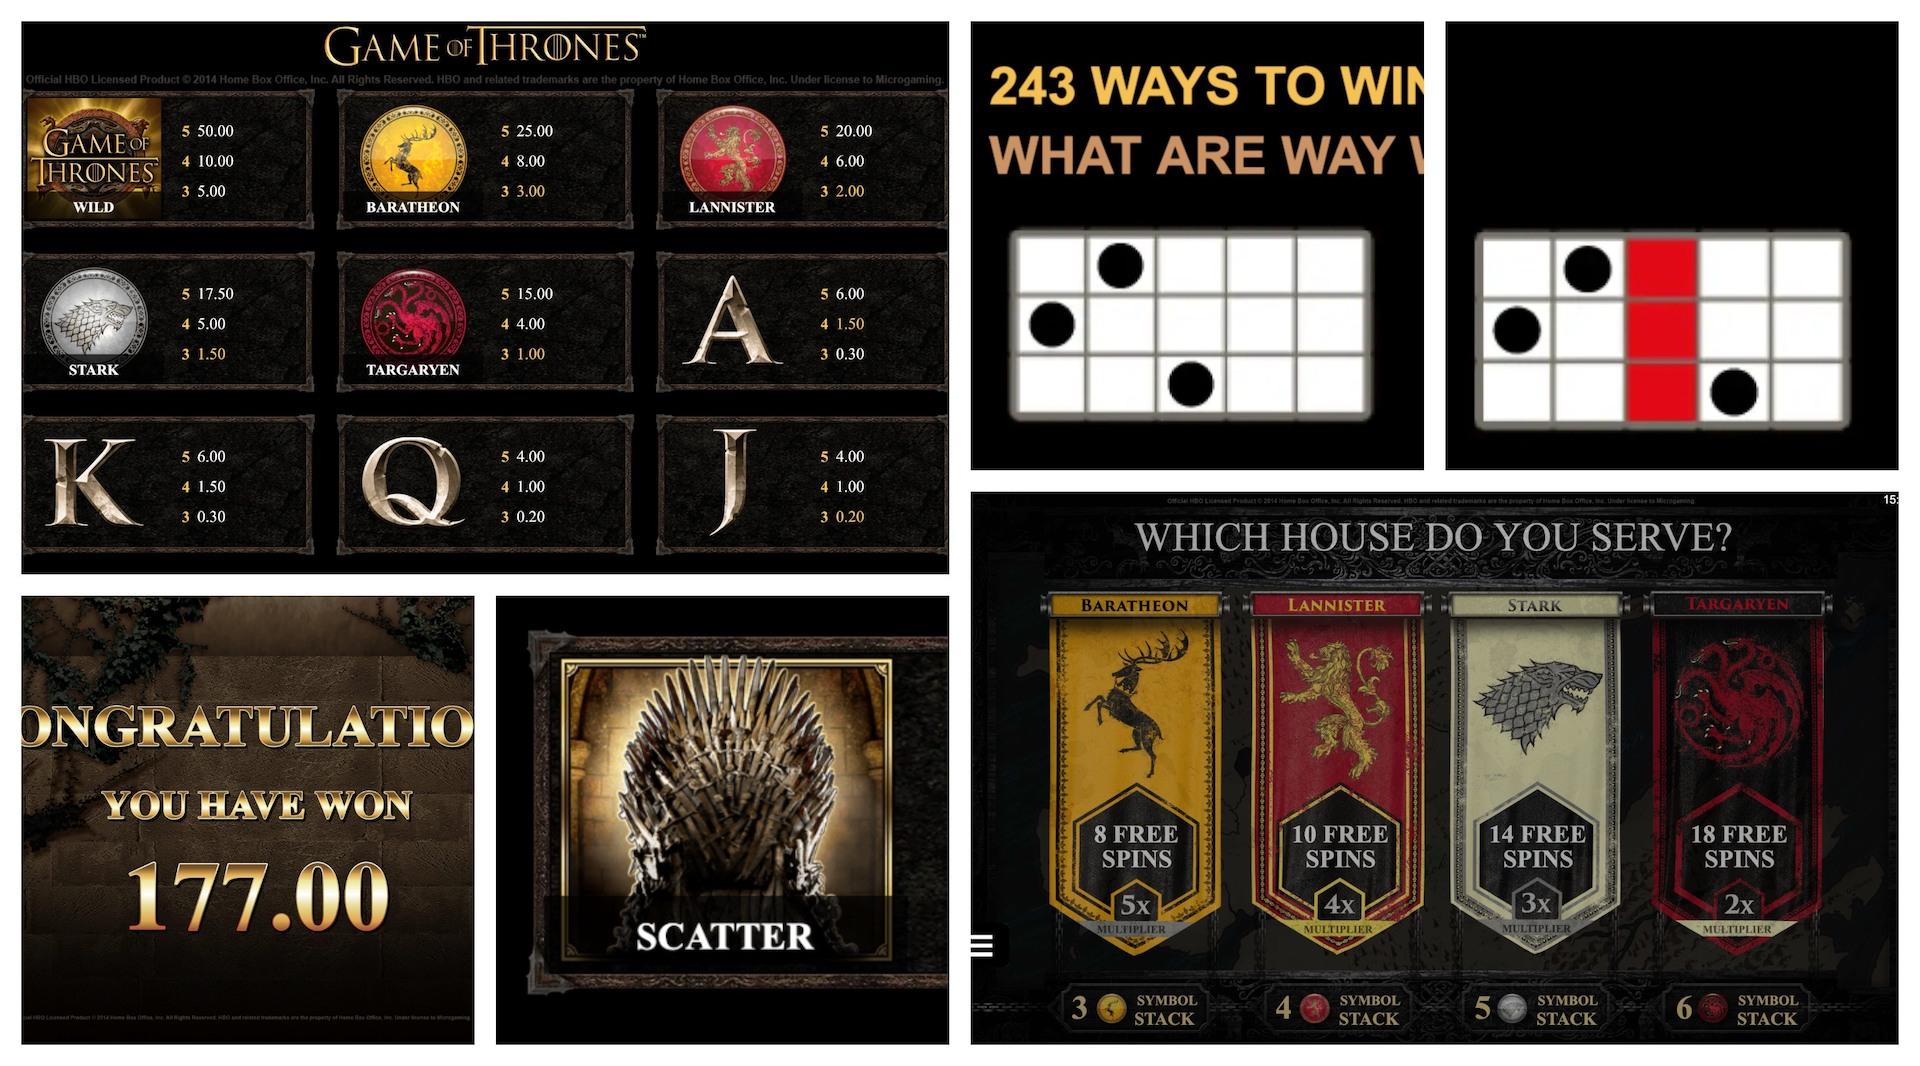 Играть Game of Thrones бесплатно